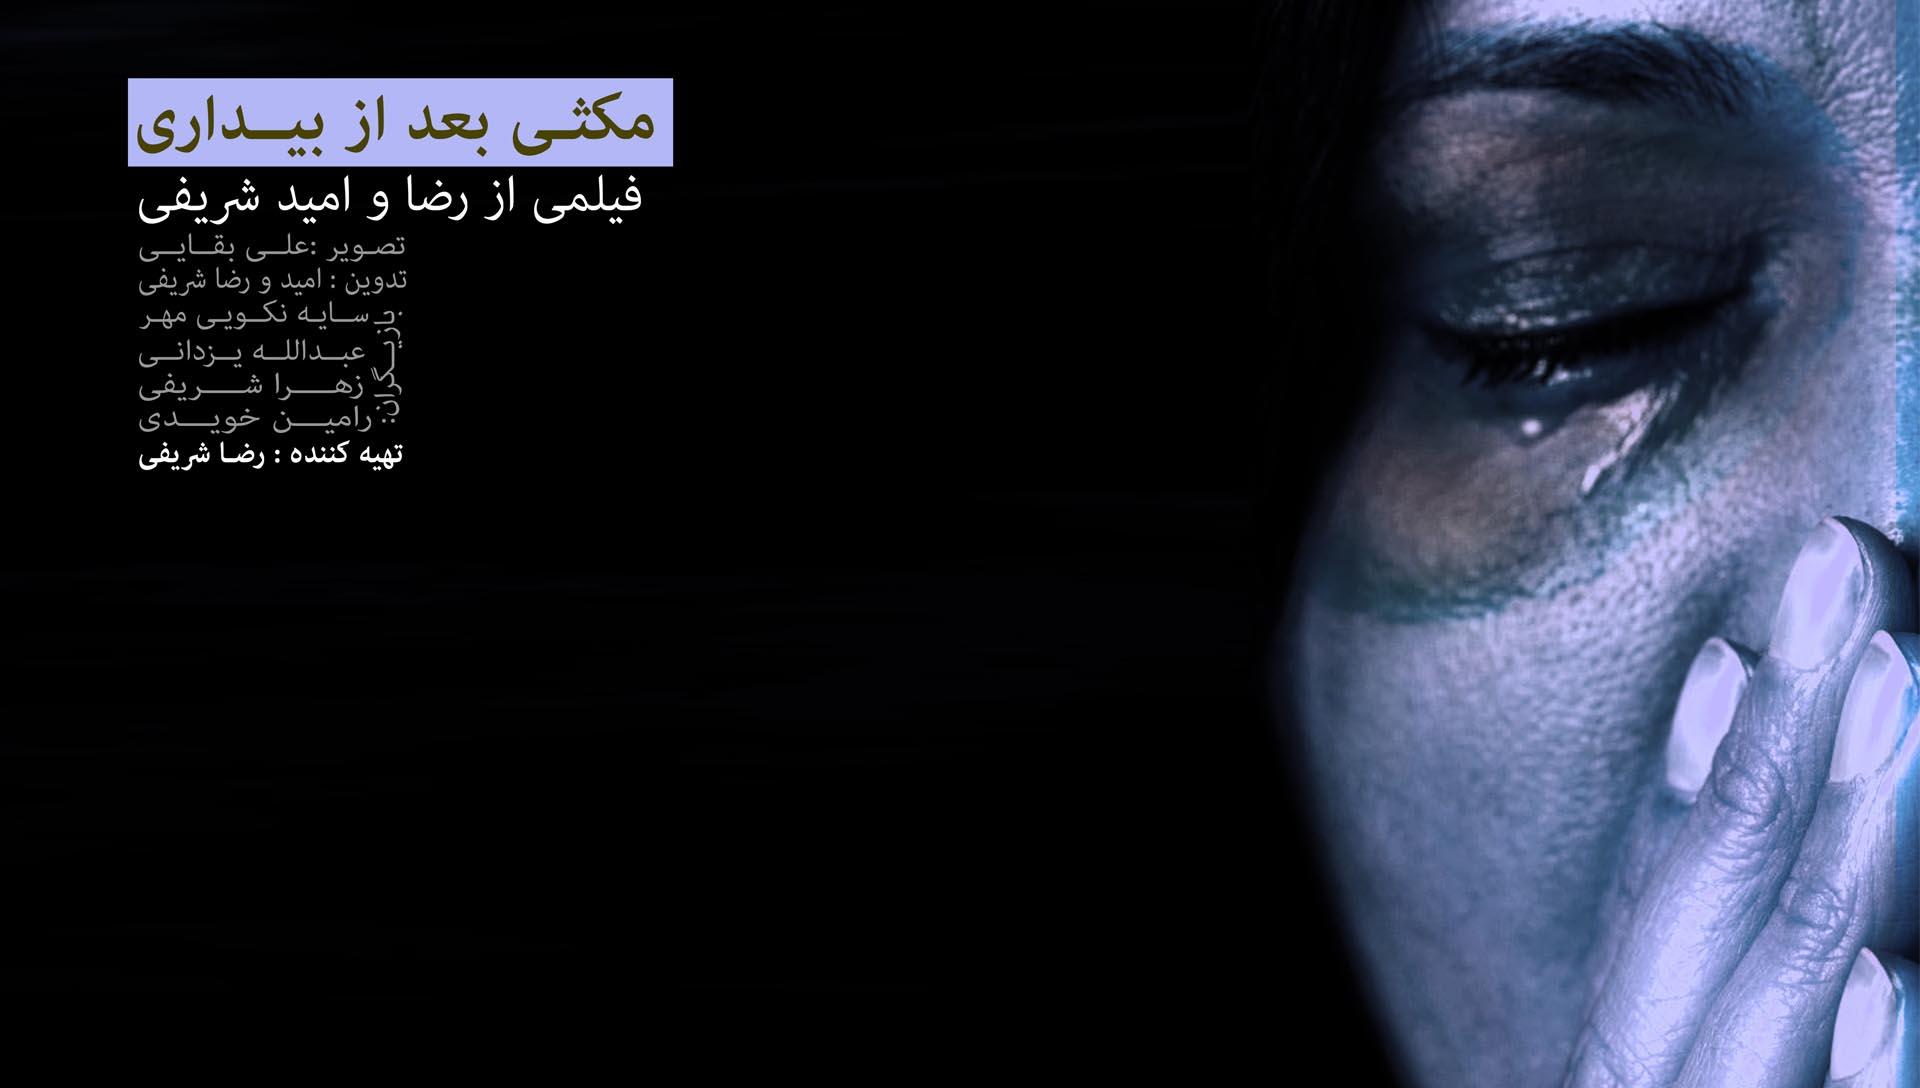 تیم شرکت فیلمسازی زوم شیراز